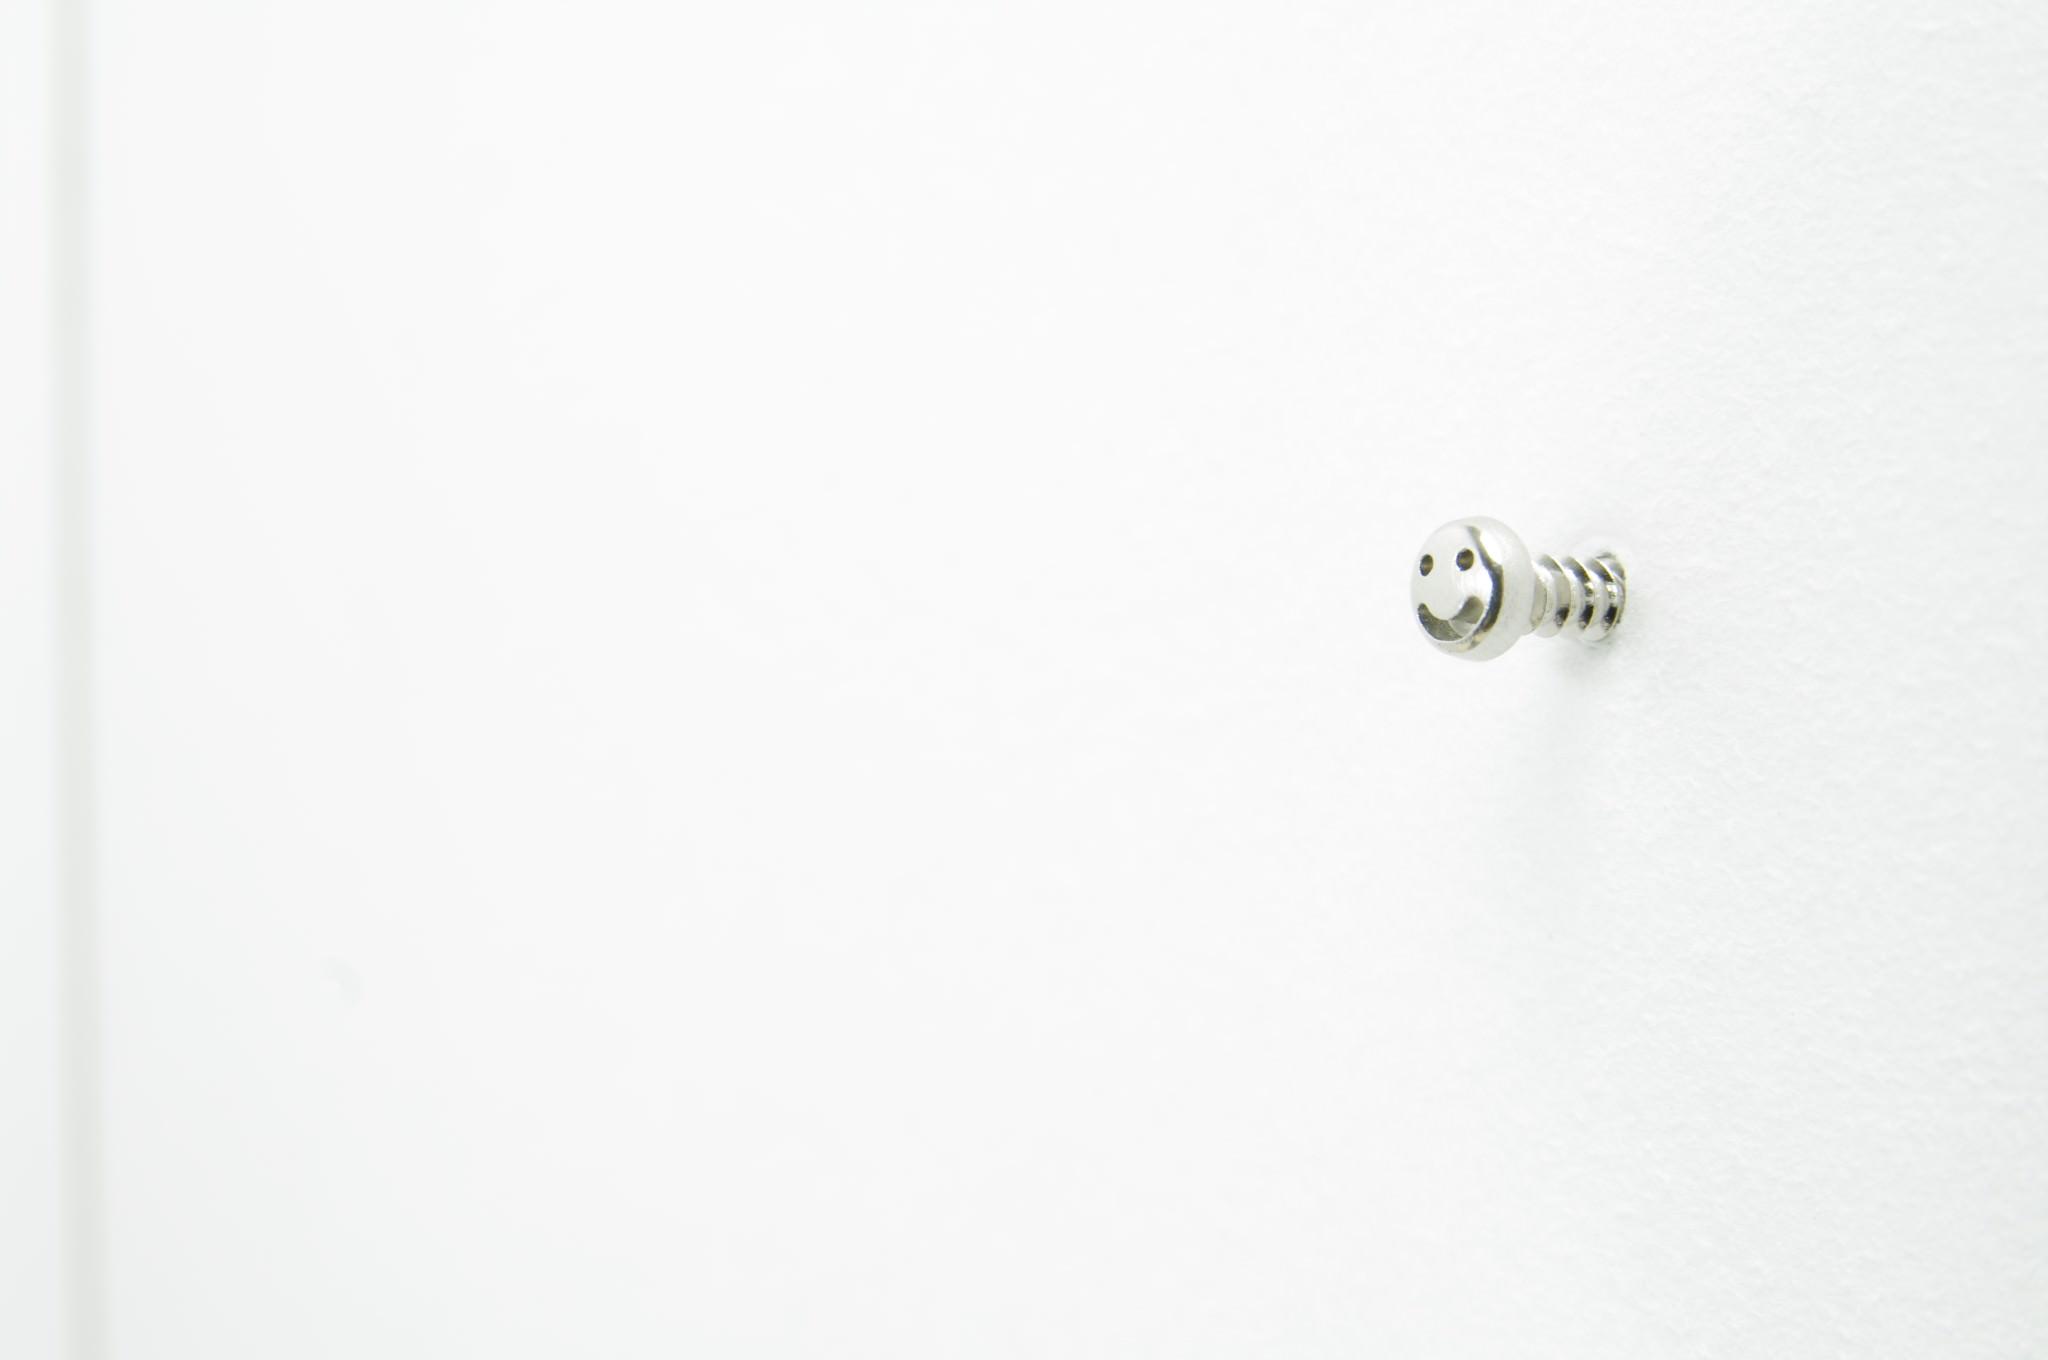 screw_10-2048x1360_mini